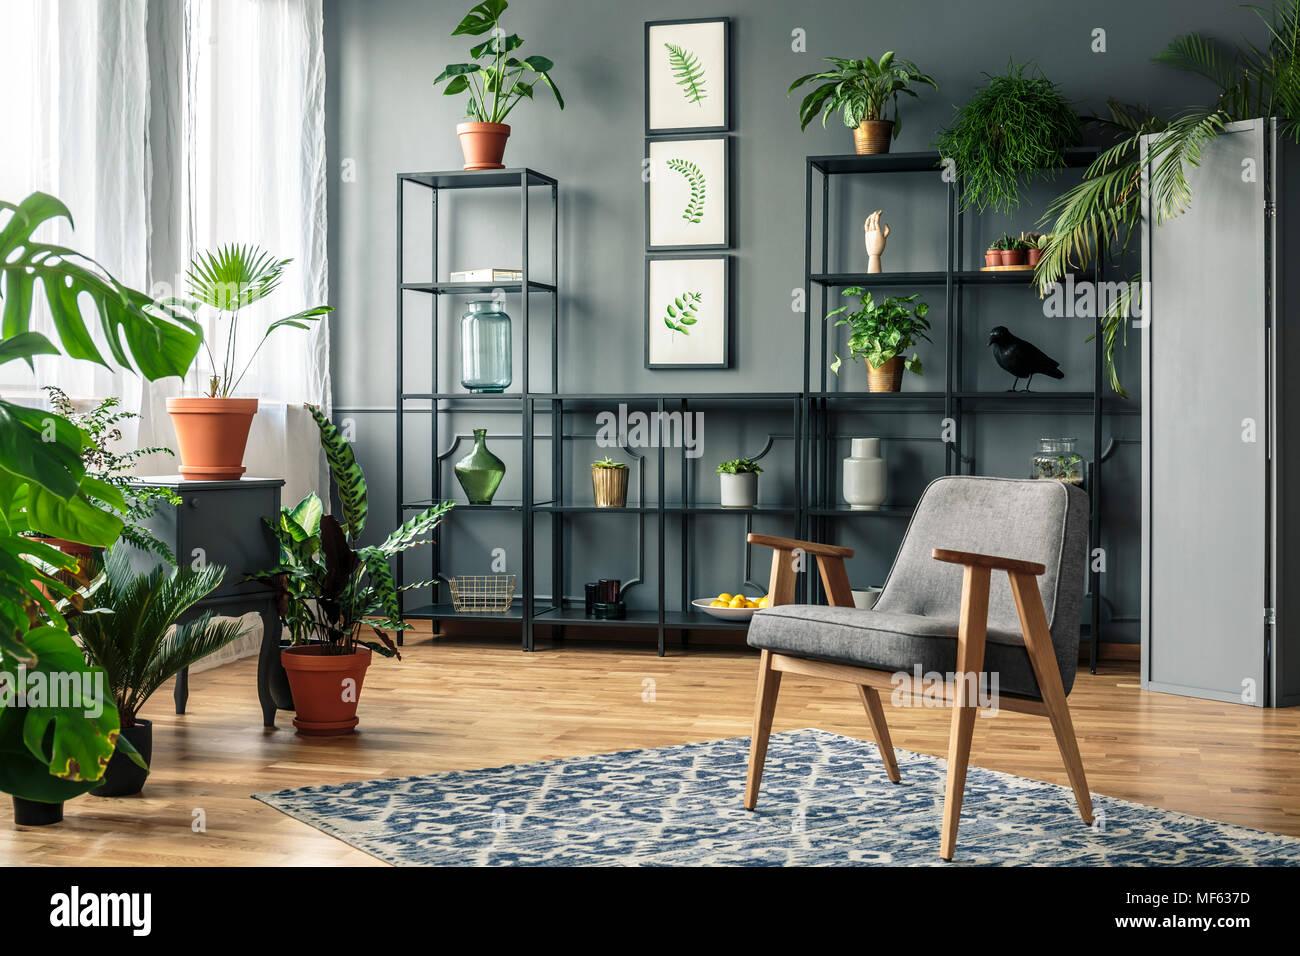 Pareti Soggiorno Grigio Scuro : Elegante grigio soggiorno interno con piante su scaffalature